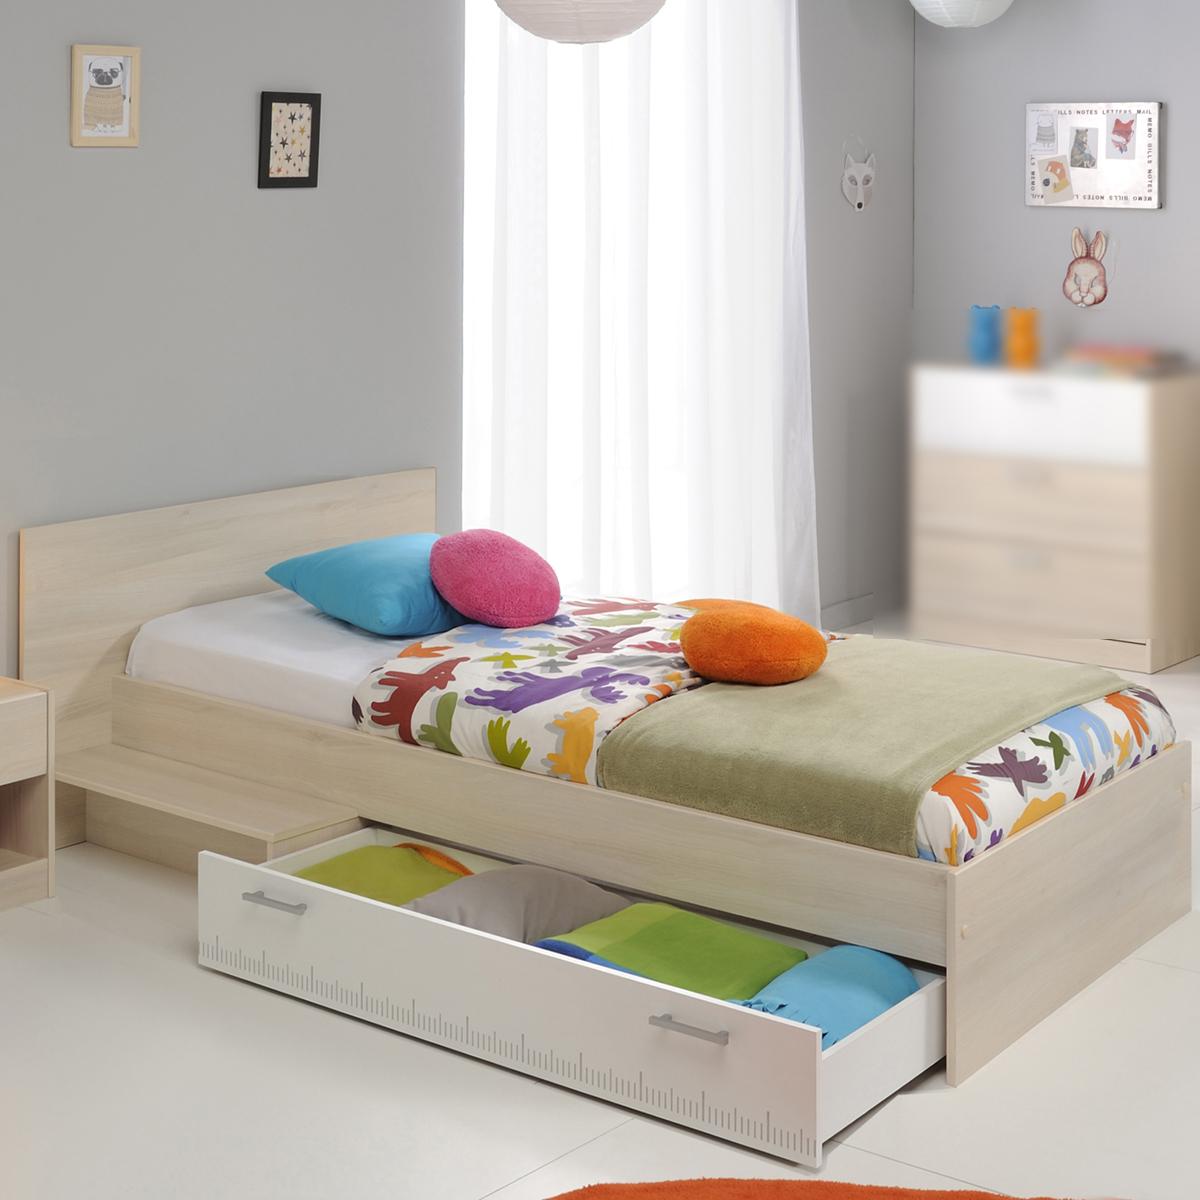 bett charly kinderbett stauraumbett jugendbett in akazie und wei 90x200 cm ebay. Black Bedroom Furniture Sets. Home Design Ideas